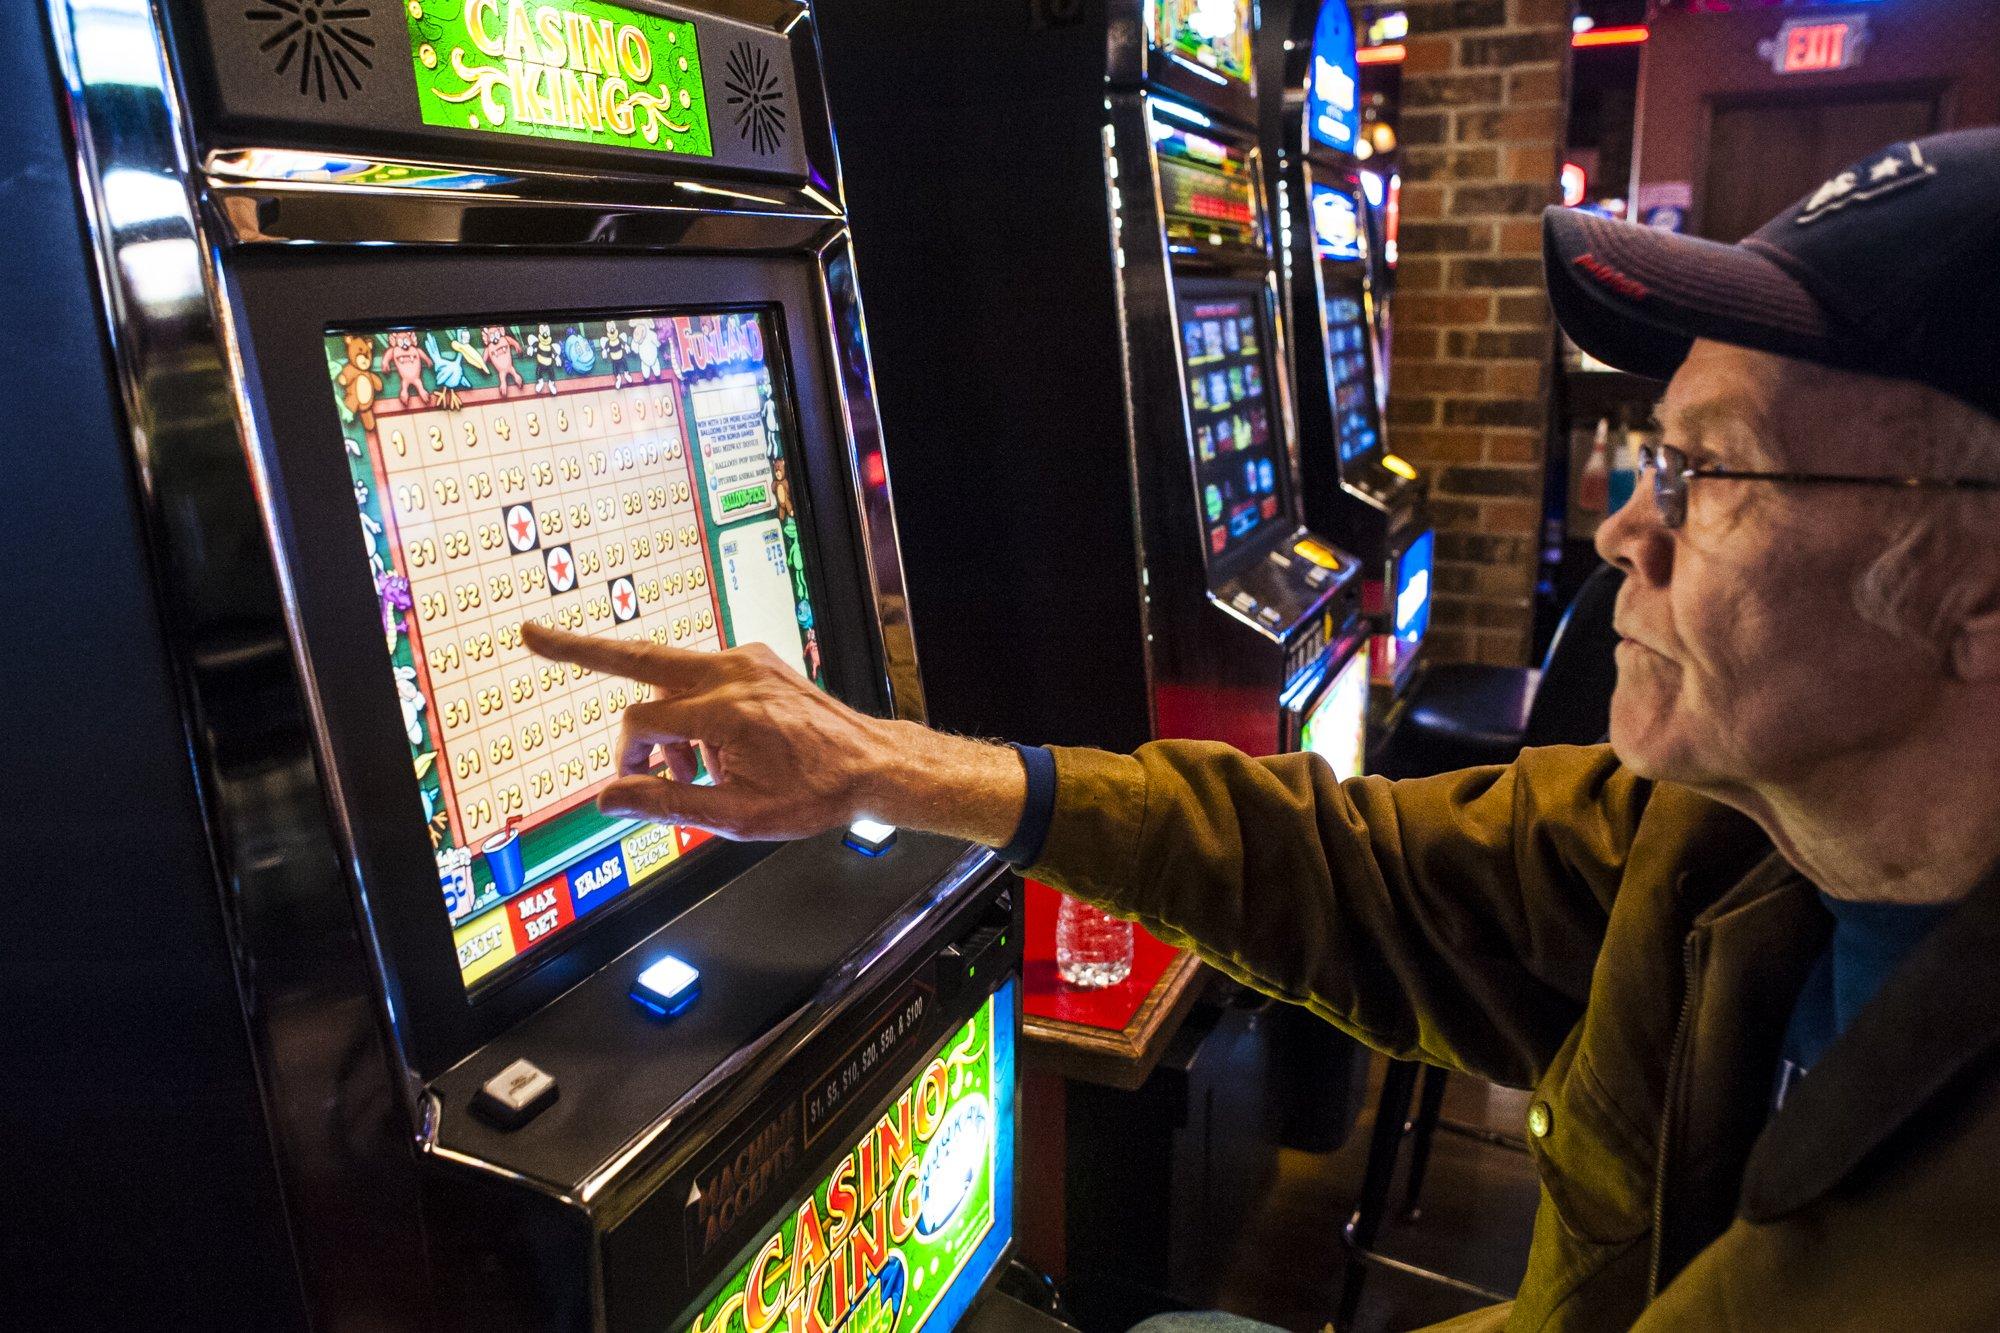 Casino City Bar Great Falls